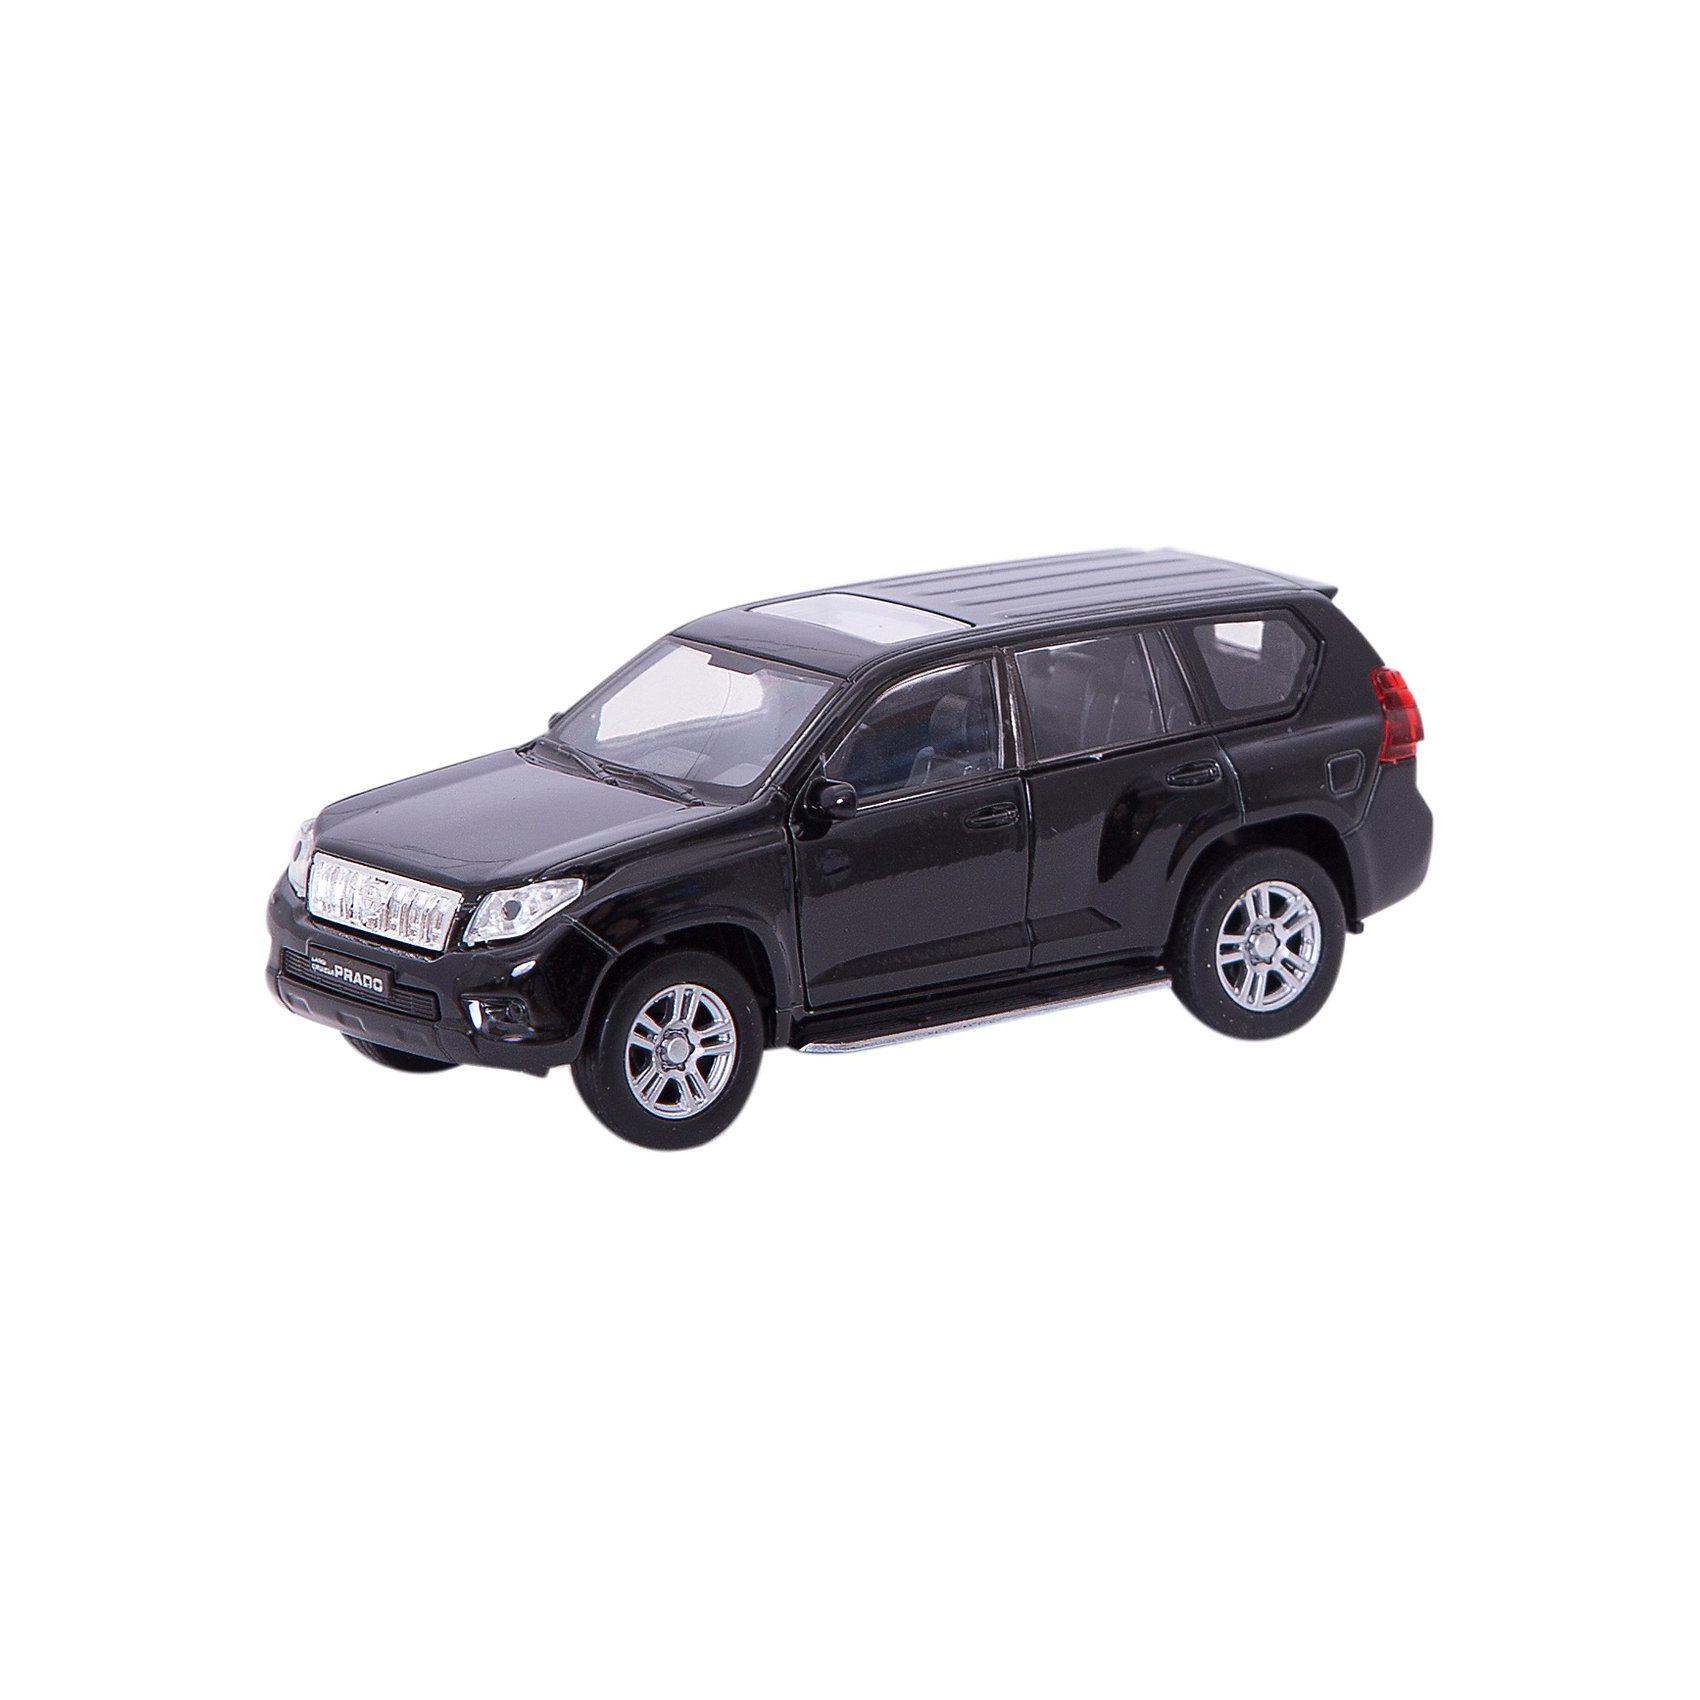 Модель машины 1:34-39 Toyota Land Cruiser Prado, WellyКоллекционные модели<br>Коллекционная модель машины 1:34-39 Toyota Land Cruiser Prado.<br>Цвет кузова автомобиля представлен в ассортименте. Выбрать определенный цвет заранее не представляется возможным.<br><br>Ширина мм: 60<br>Глубина мм: 110<br>Высота мм: 150<br>Вес г: 159<br>Возраст от месяцев: 36<br>Возраст до месяцев: 192<br>Пол: Мужской<br>Возраст: Детский<br>SKU: 4966526